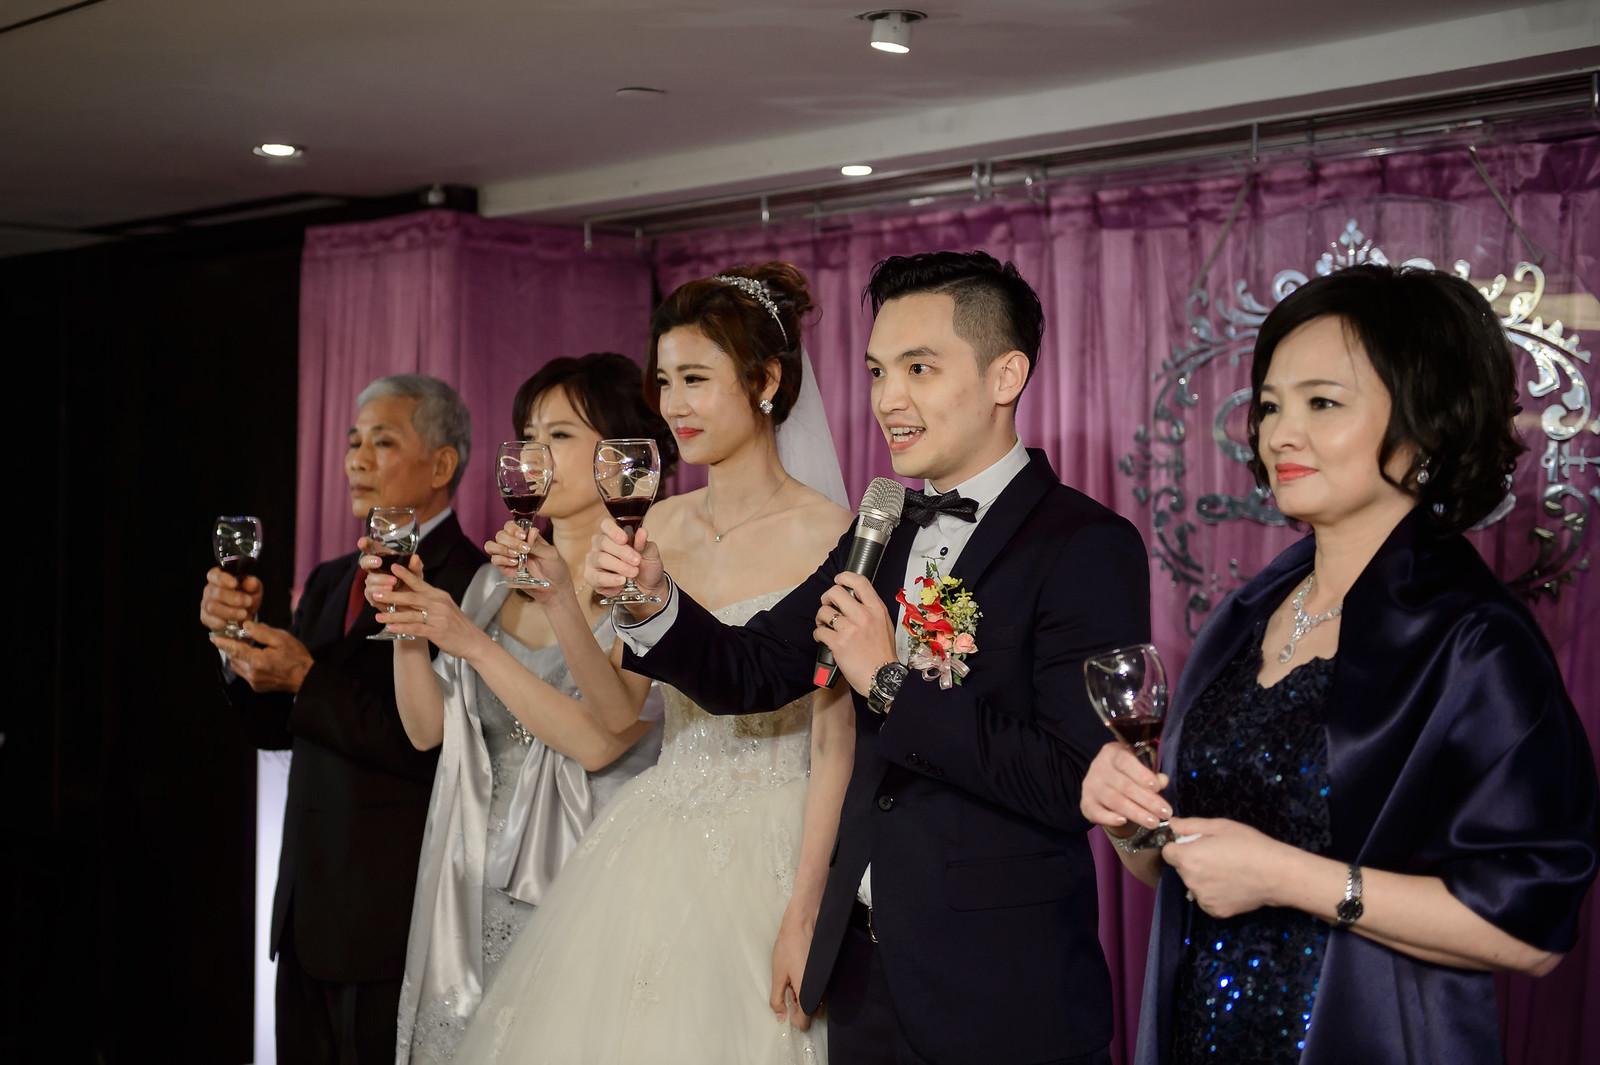 台北婚攝, 婚禮攝影, 婚攝, 婚攝守恆, 婚攝推薦, 晶華酒店, 晶華酒店婚宴, 晶華酒店婚攝-80